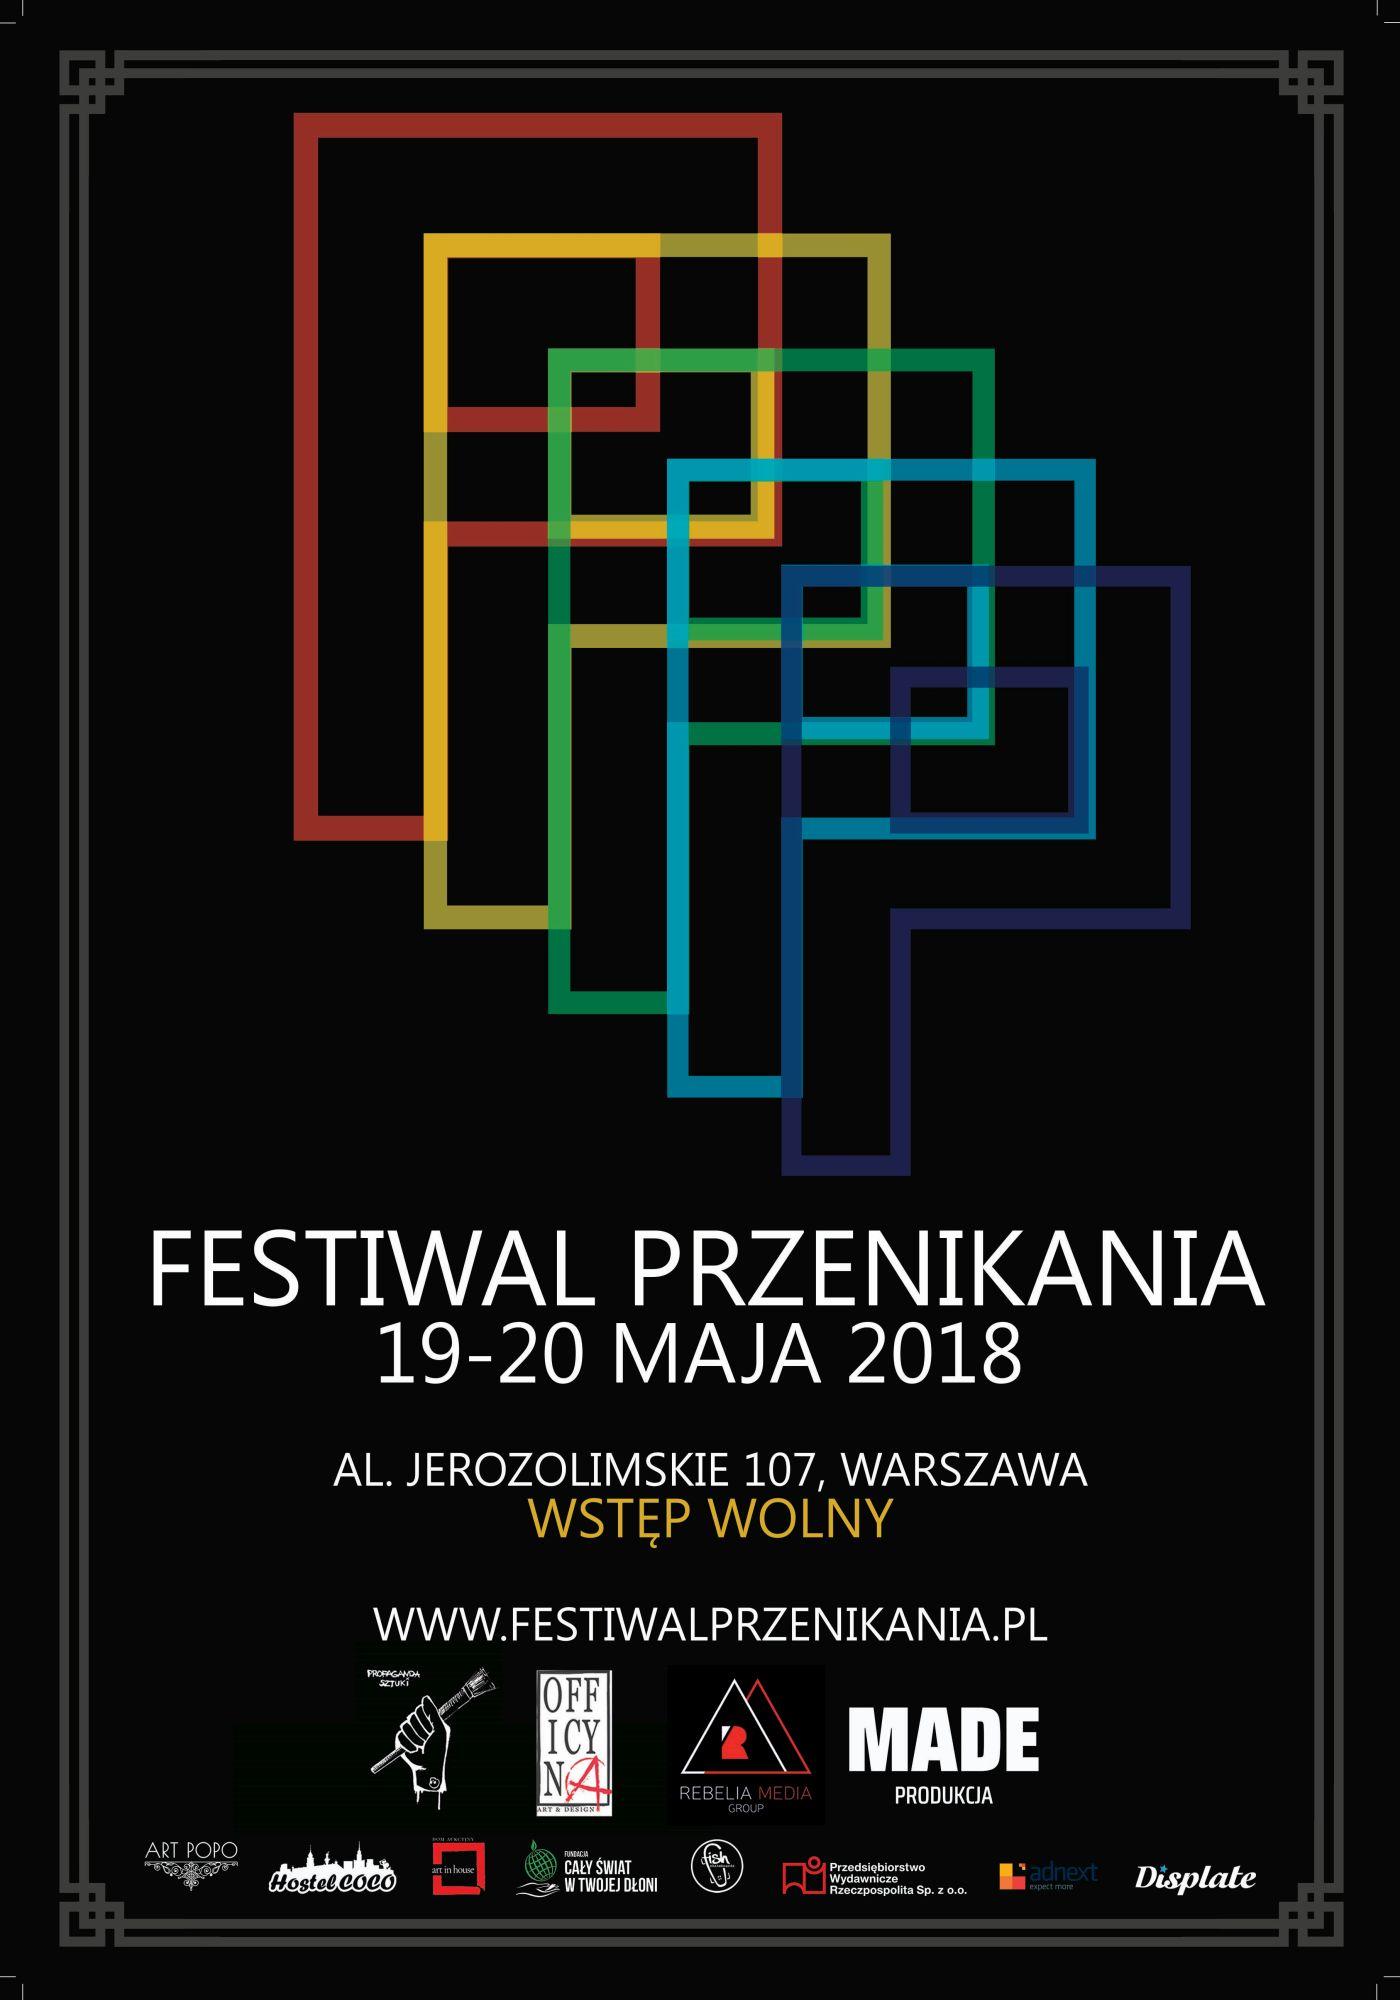 Festiwal Przenikania (źródło: materiały prasowe)